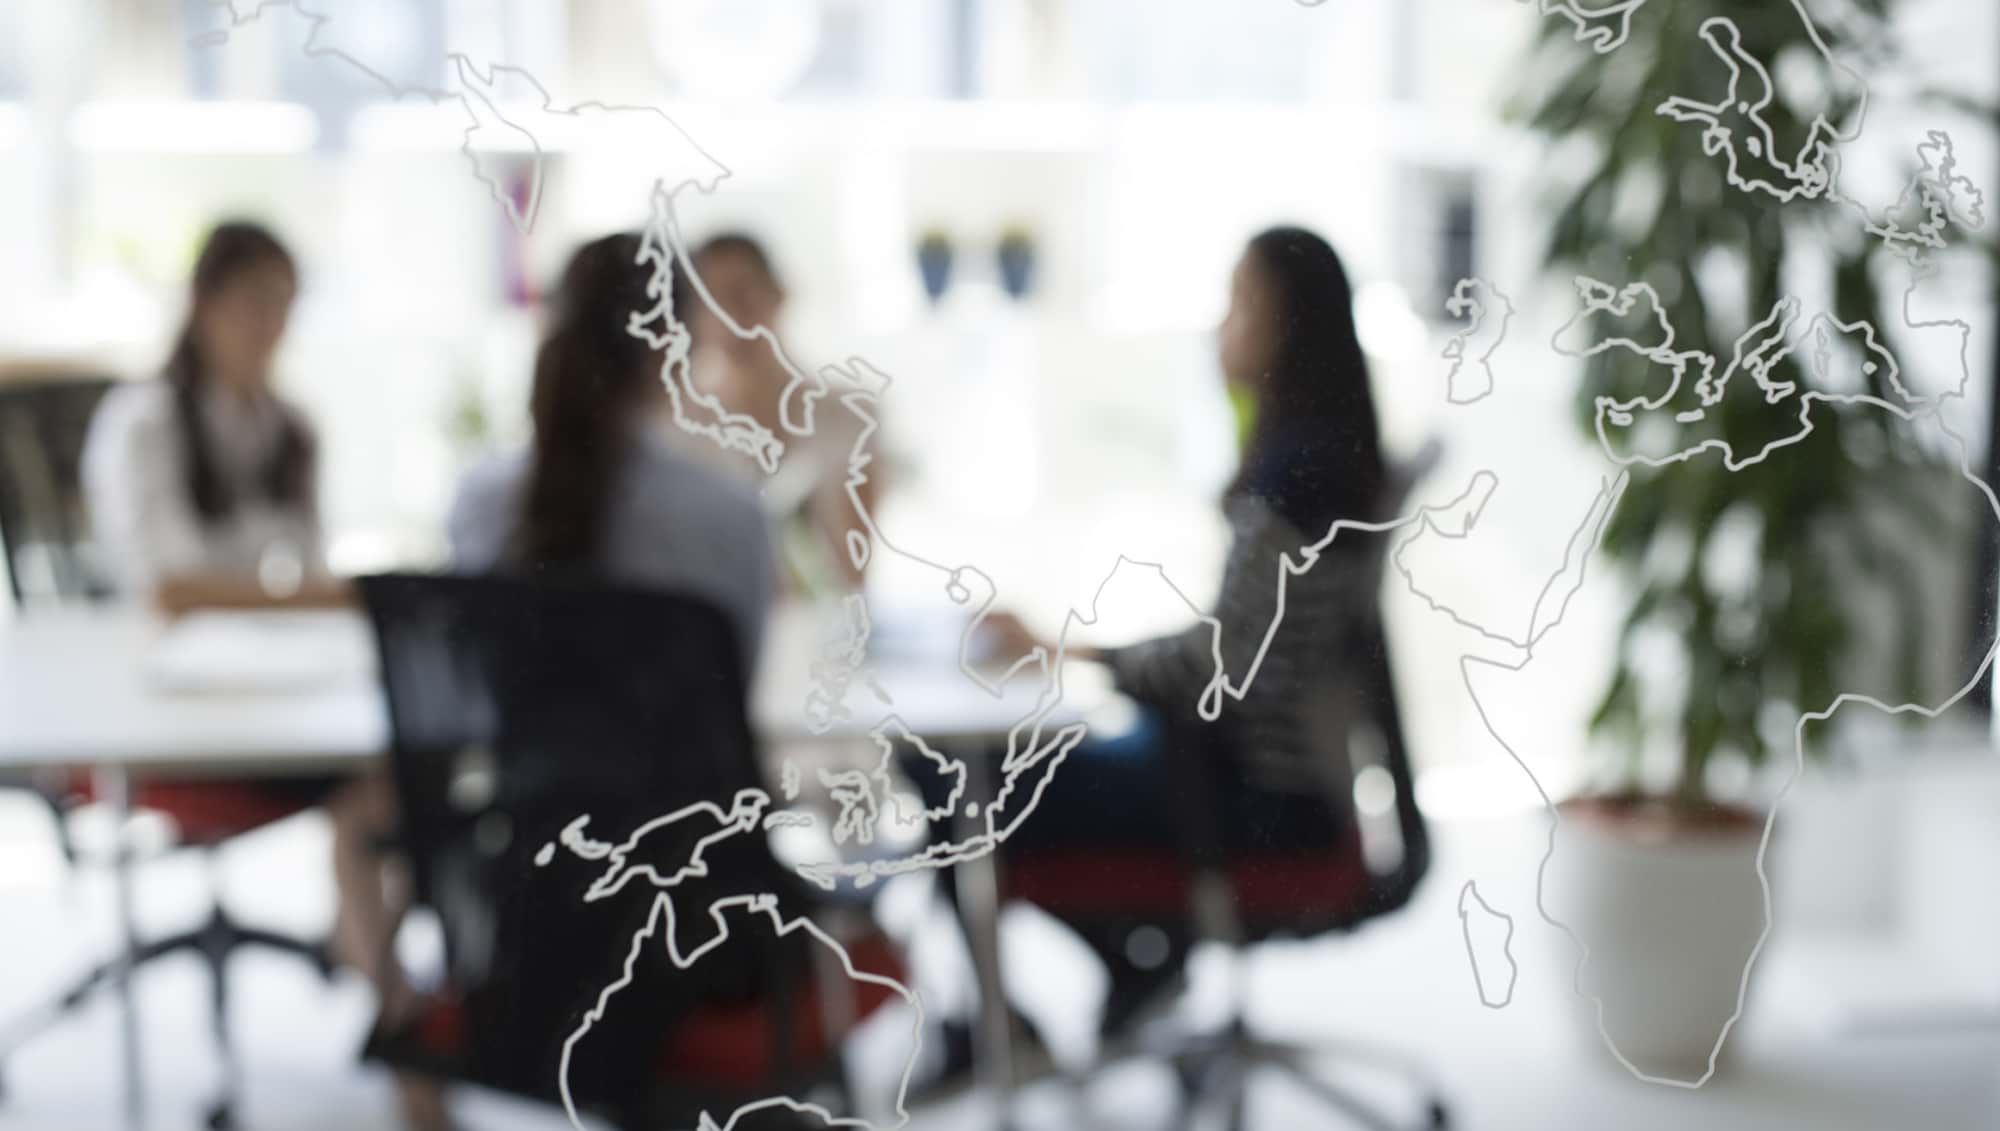 El retail europeo como motor de la internacionalizacion y la sostenibilidad